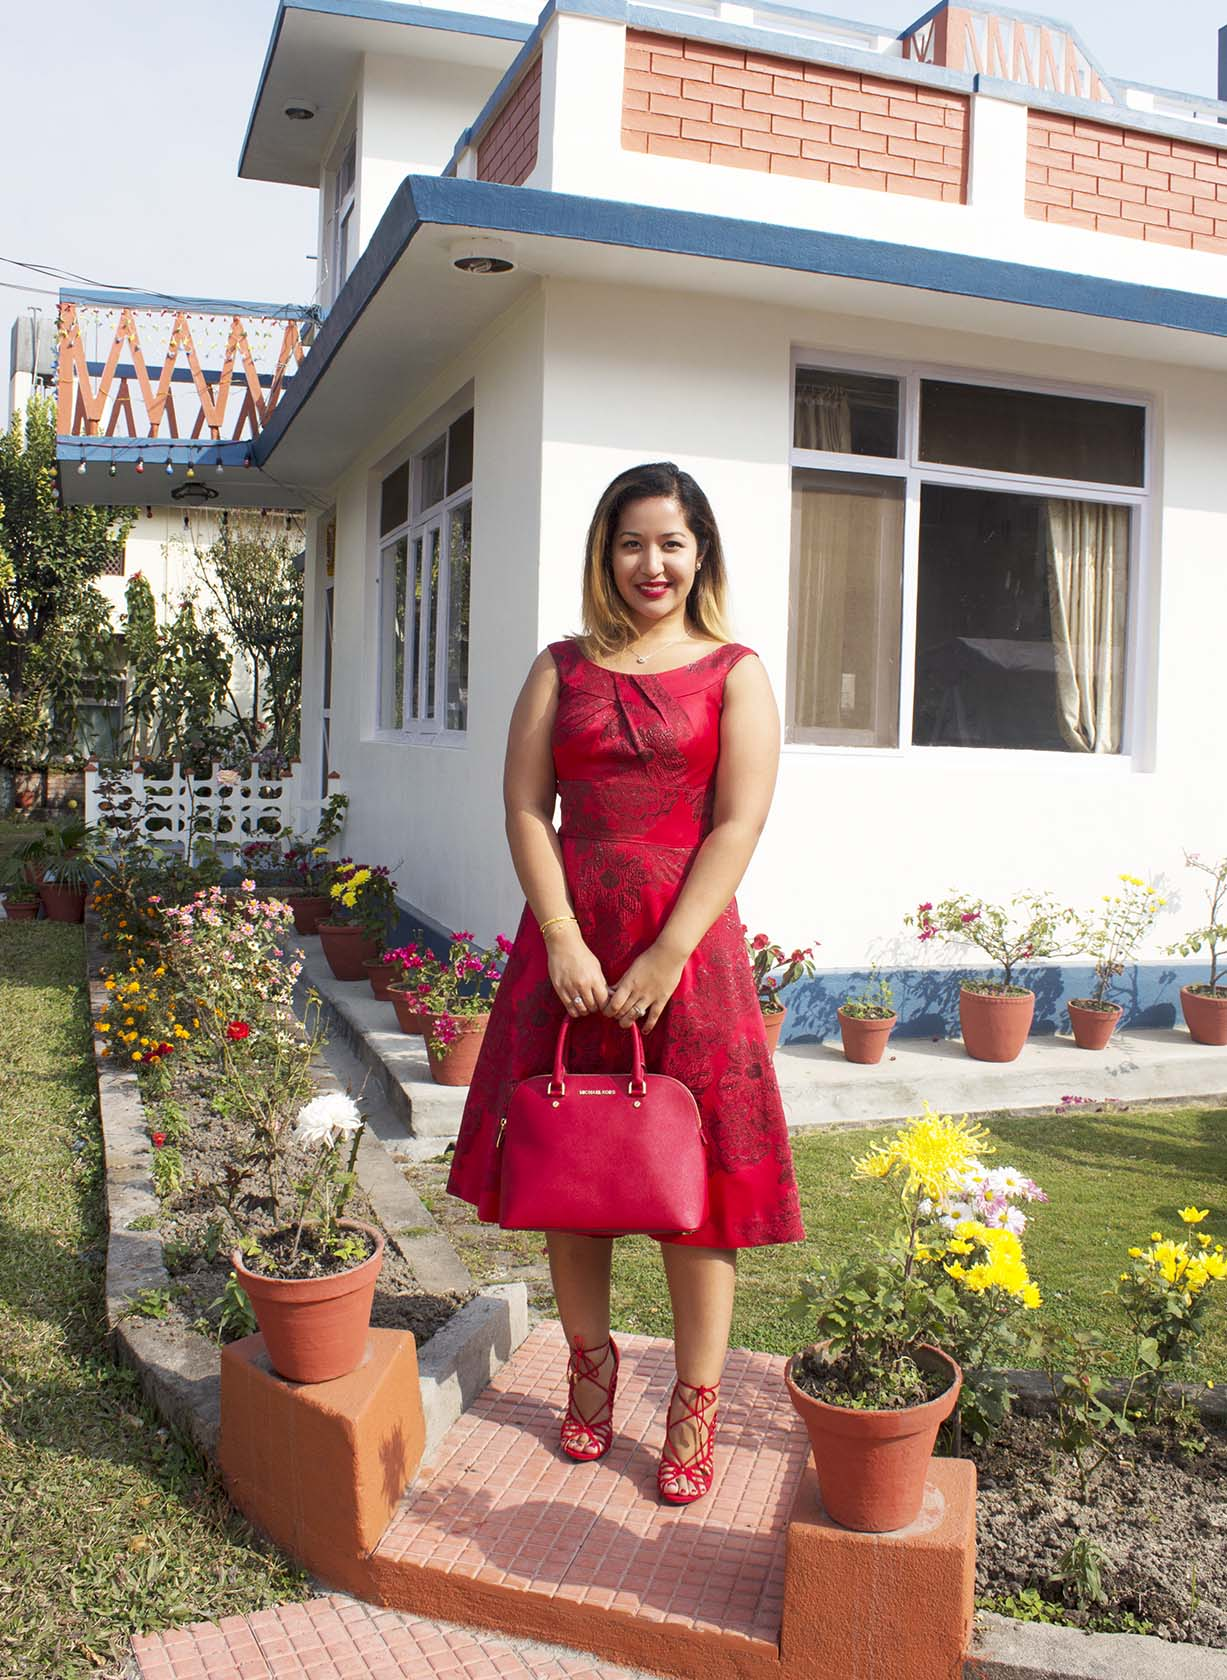 Red Dress_xmas_5.jpg